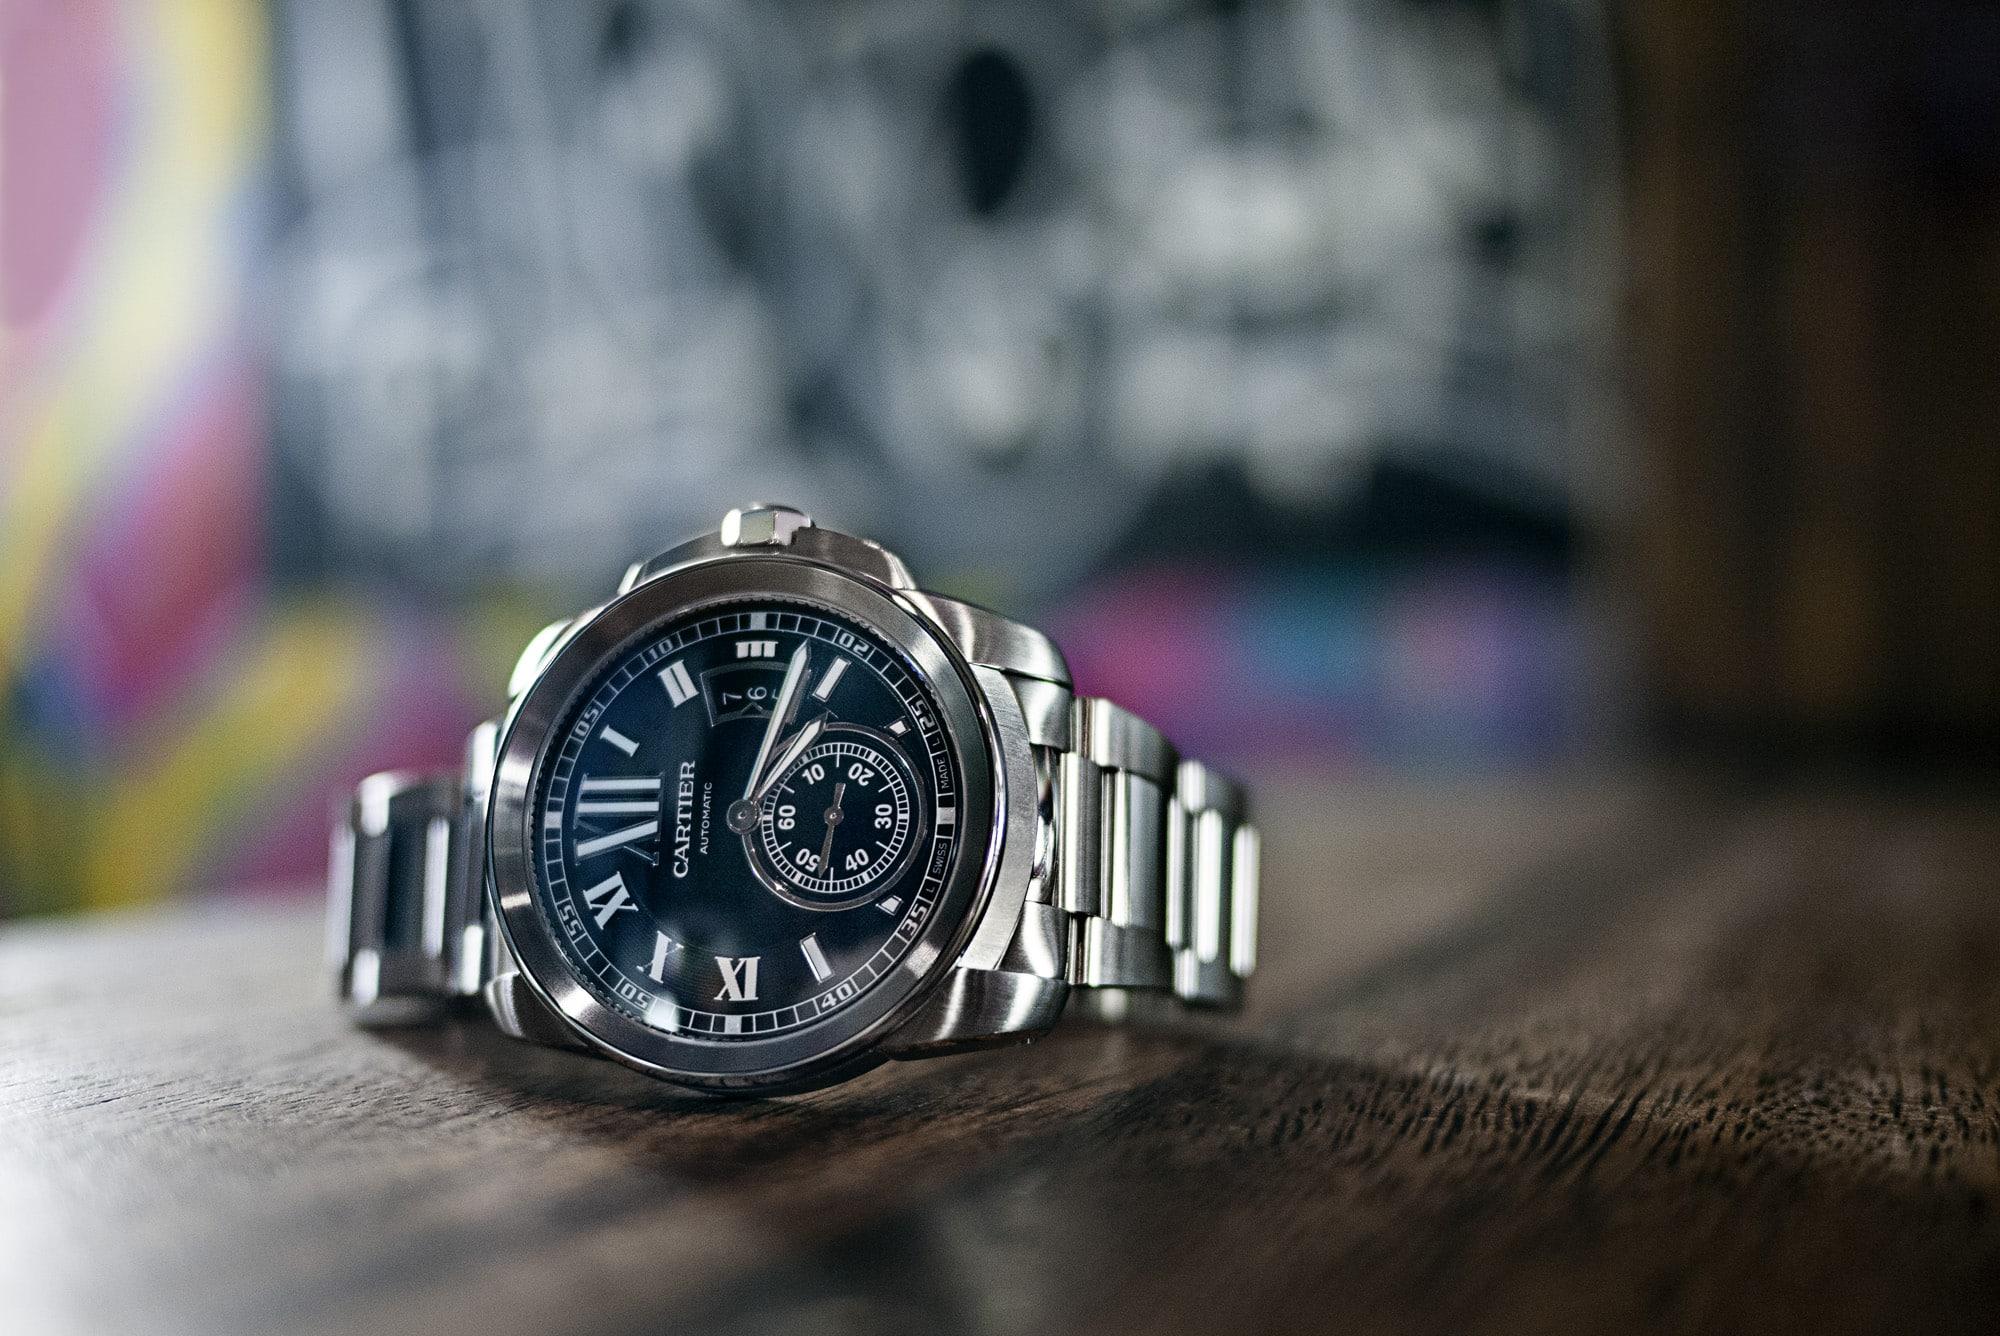 Klockförsäkring för exklusiva klockor